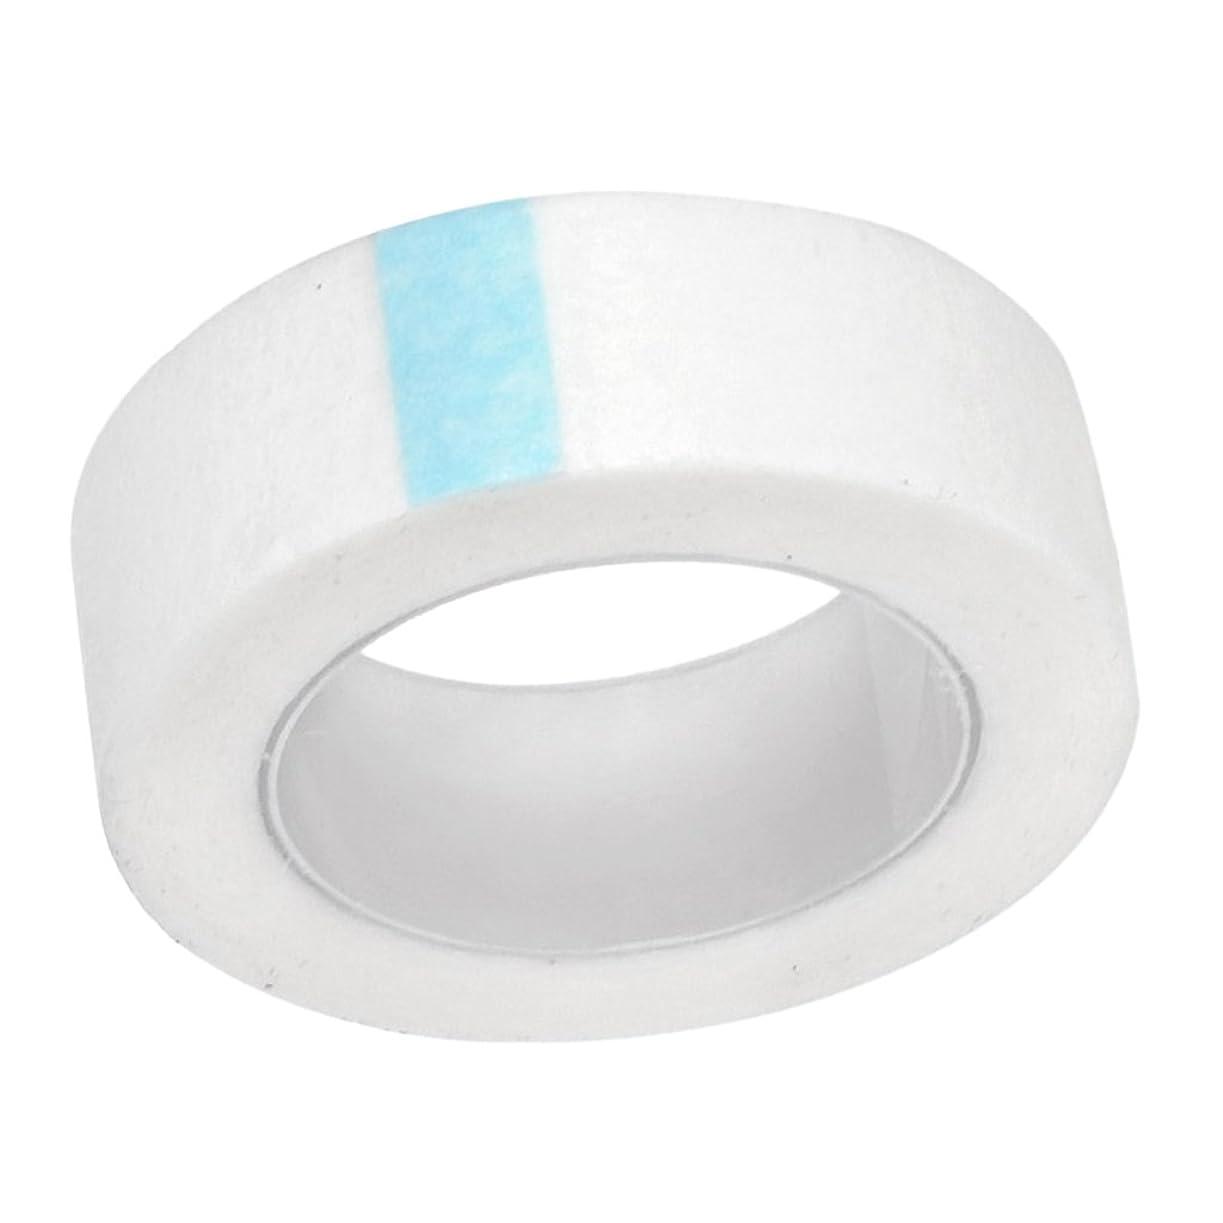 文言宣教師測定Non-brand 1ロールまつげ個々のエクステンションサプライラッシュテープツールマイクロポアペーパーホワイト